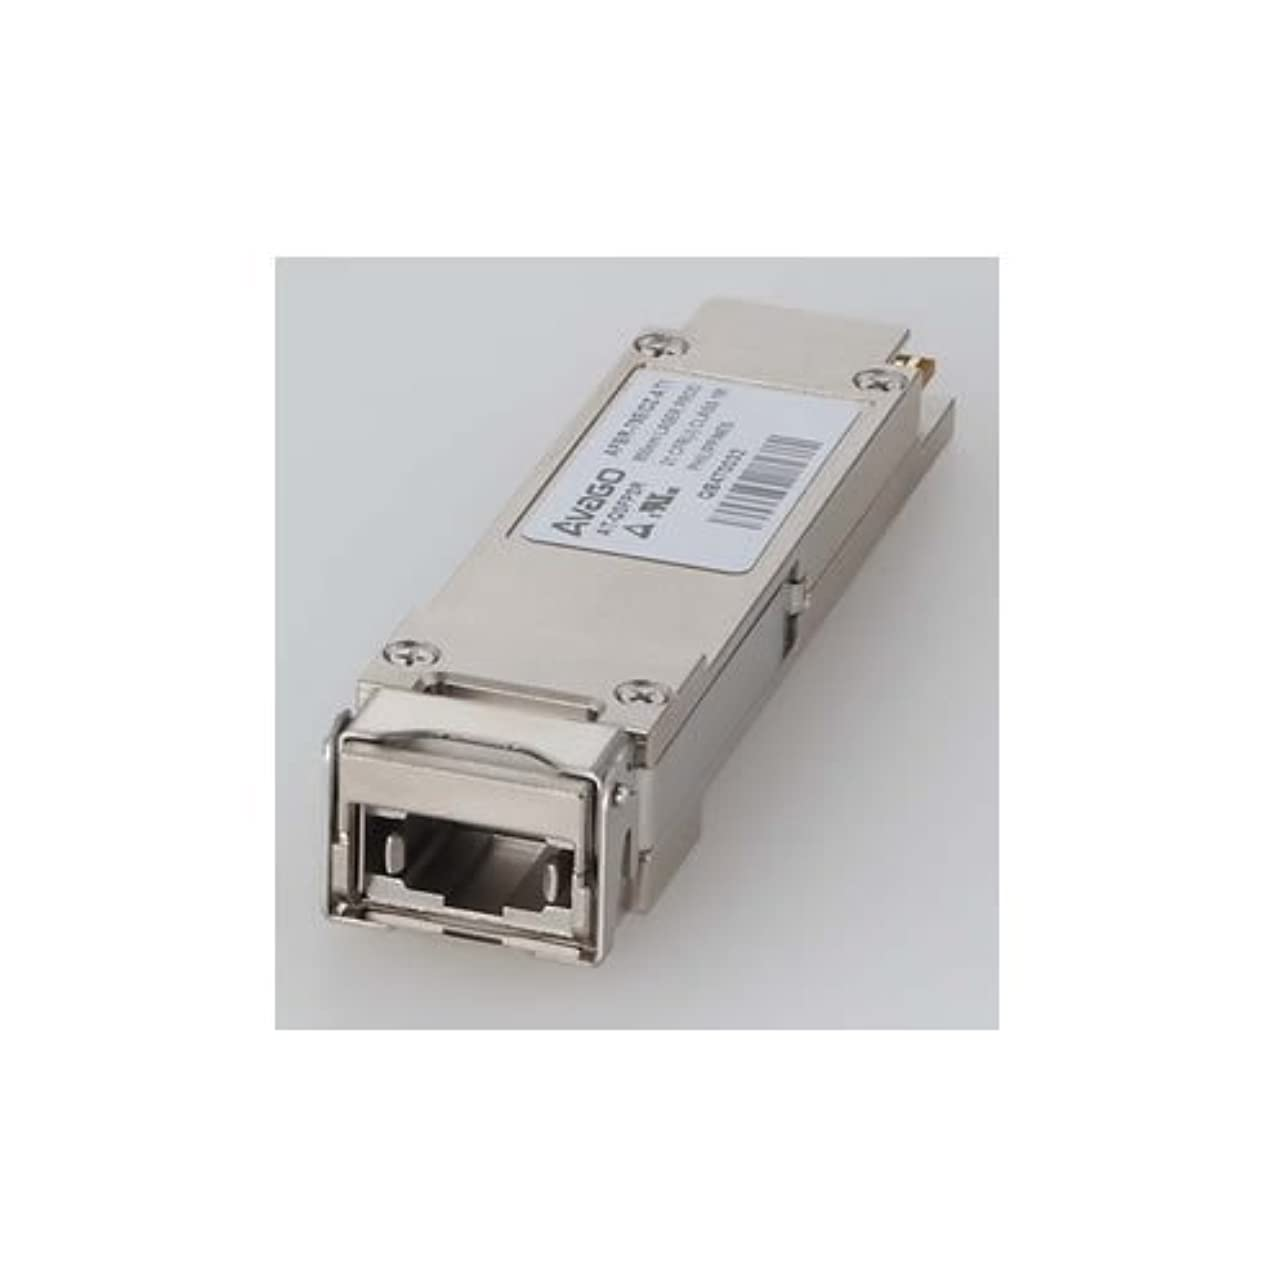 是正ロンドンランドリーアライドテレシス AT-QSFPSR-Z1 QSFP+モジュール 0792RZ1